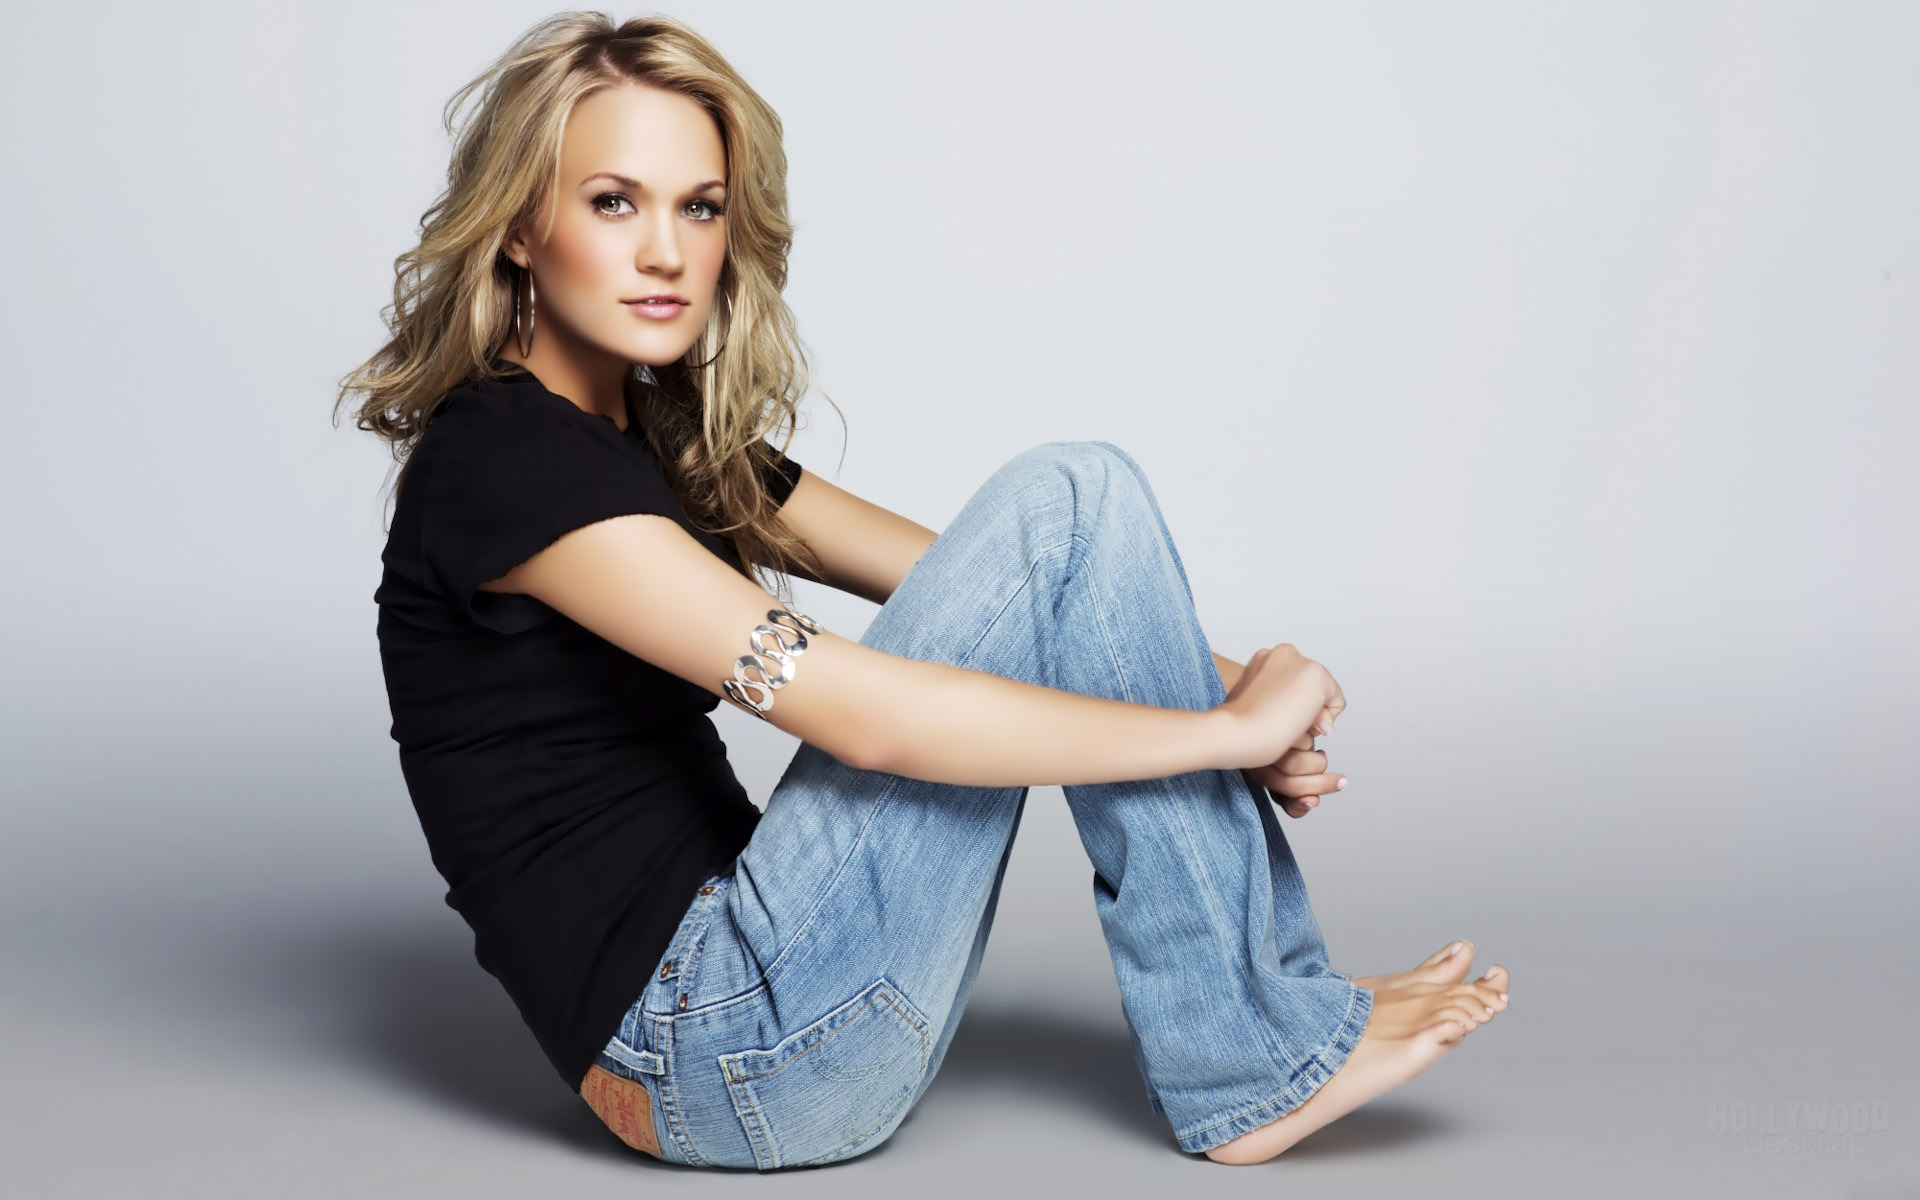 Carrie Underwood Hd Wallpaper